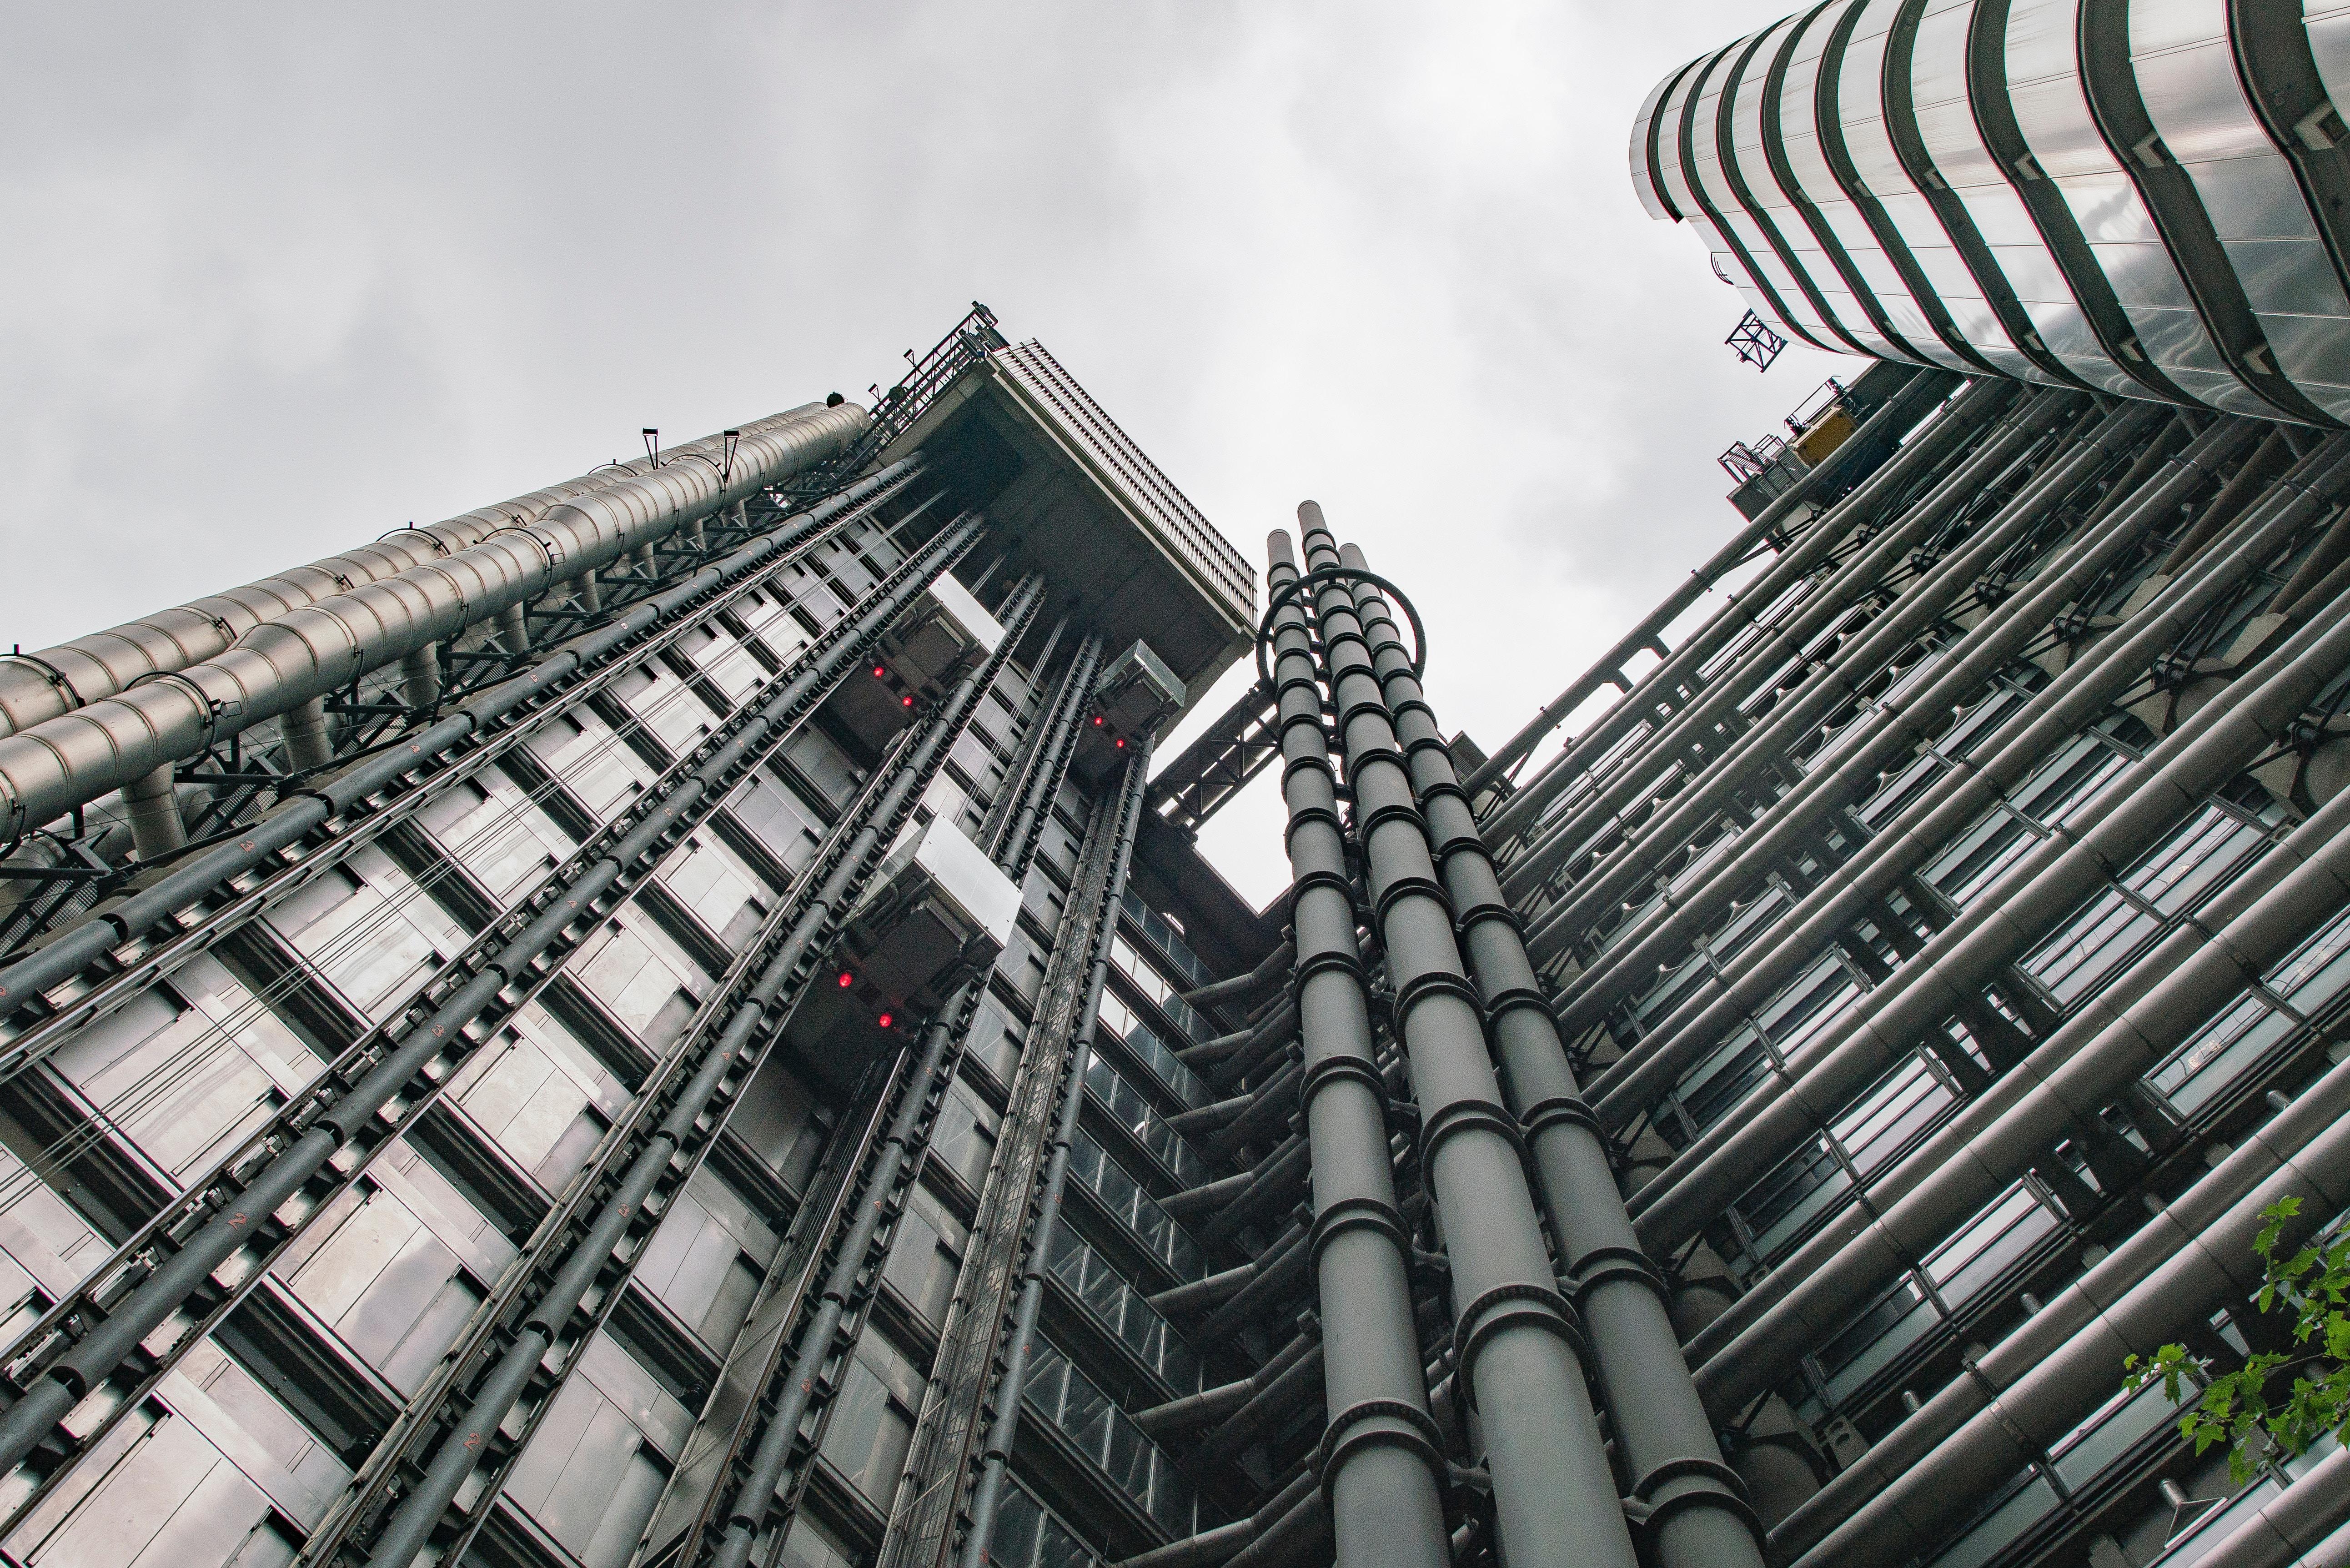 20170921 - industrial elevator.jpg